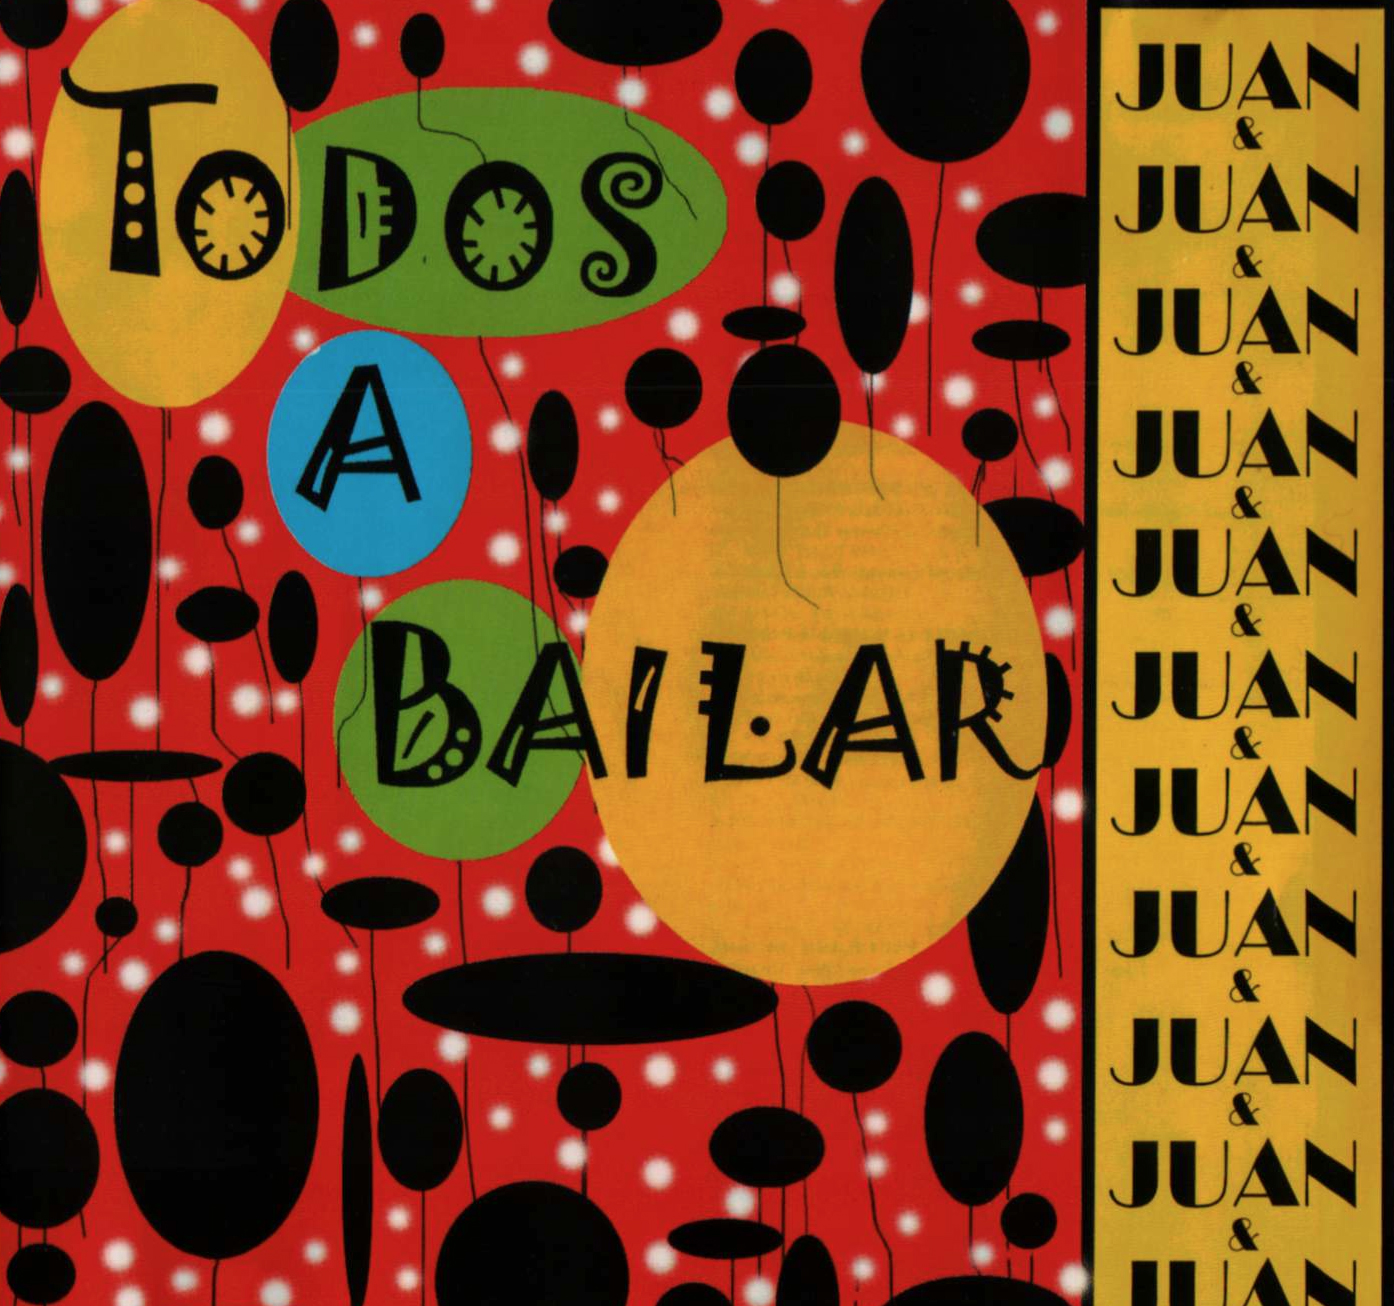 JUAN & JUAN _TODOS A BAILAR_